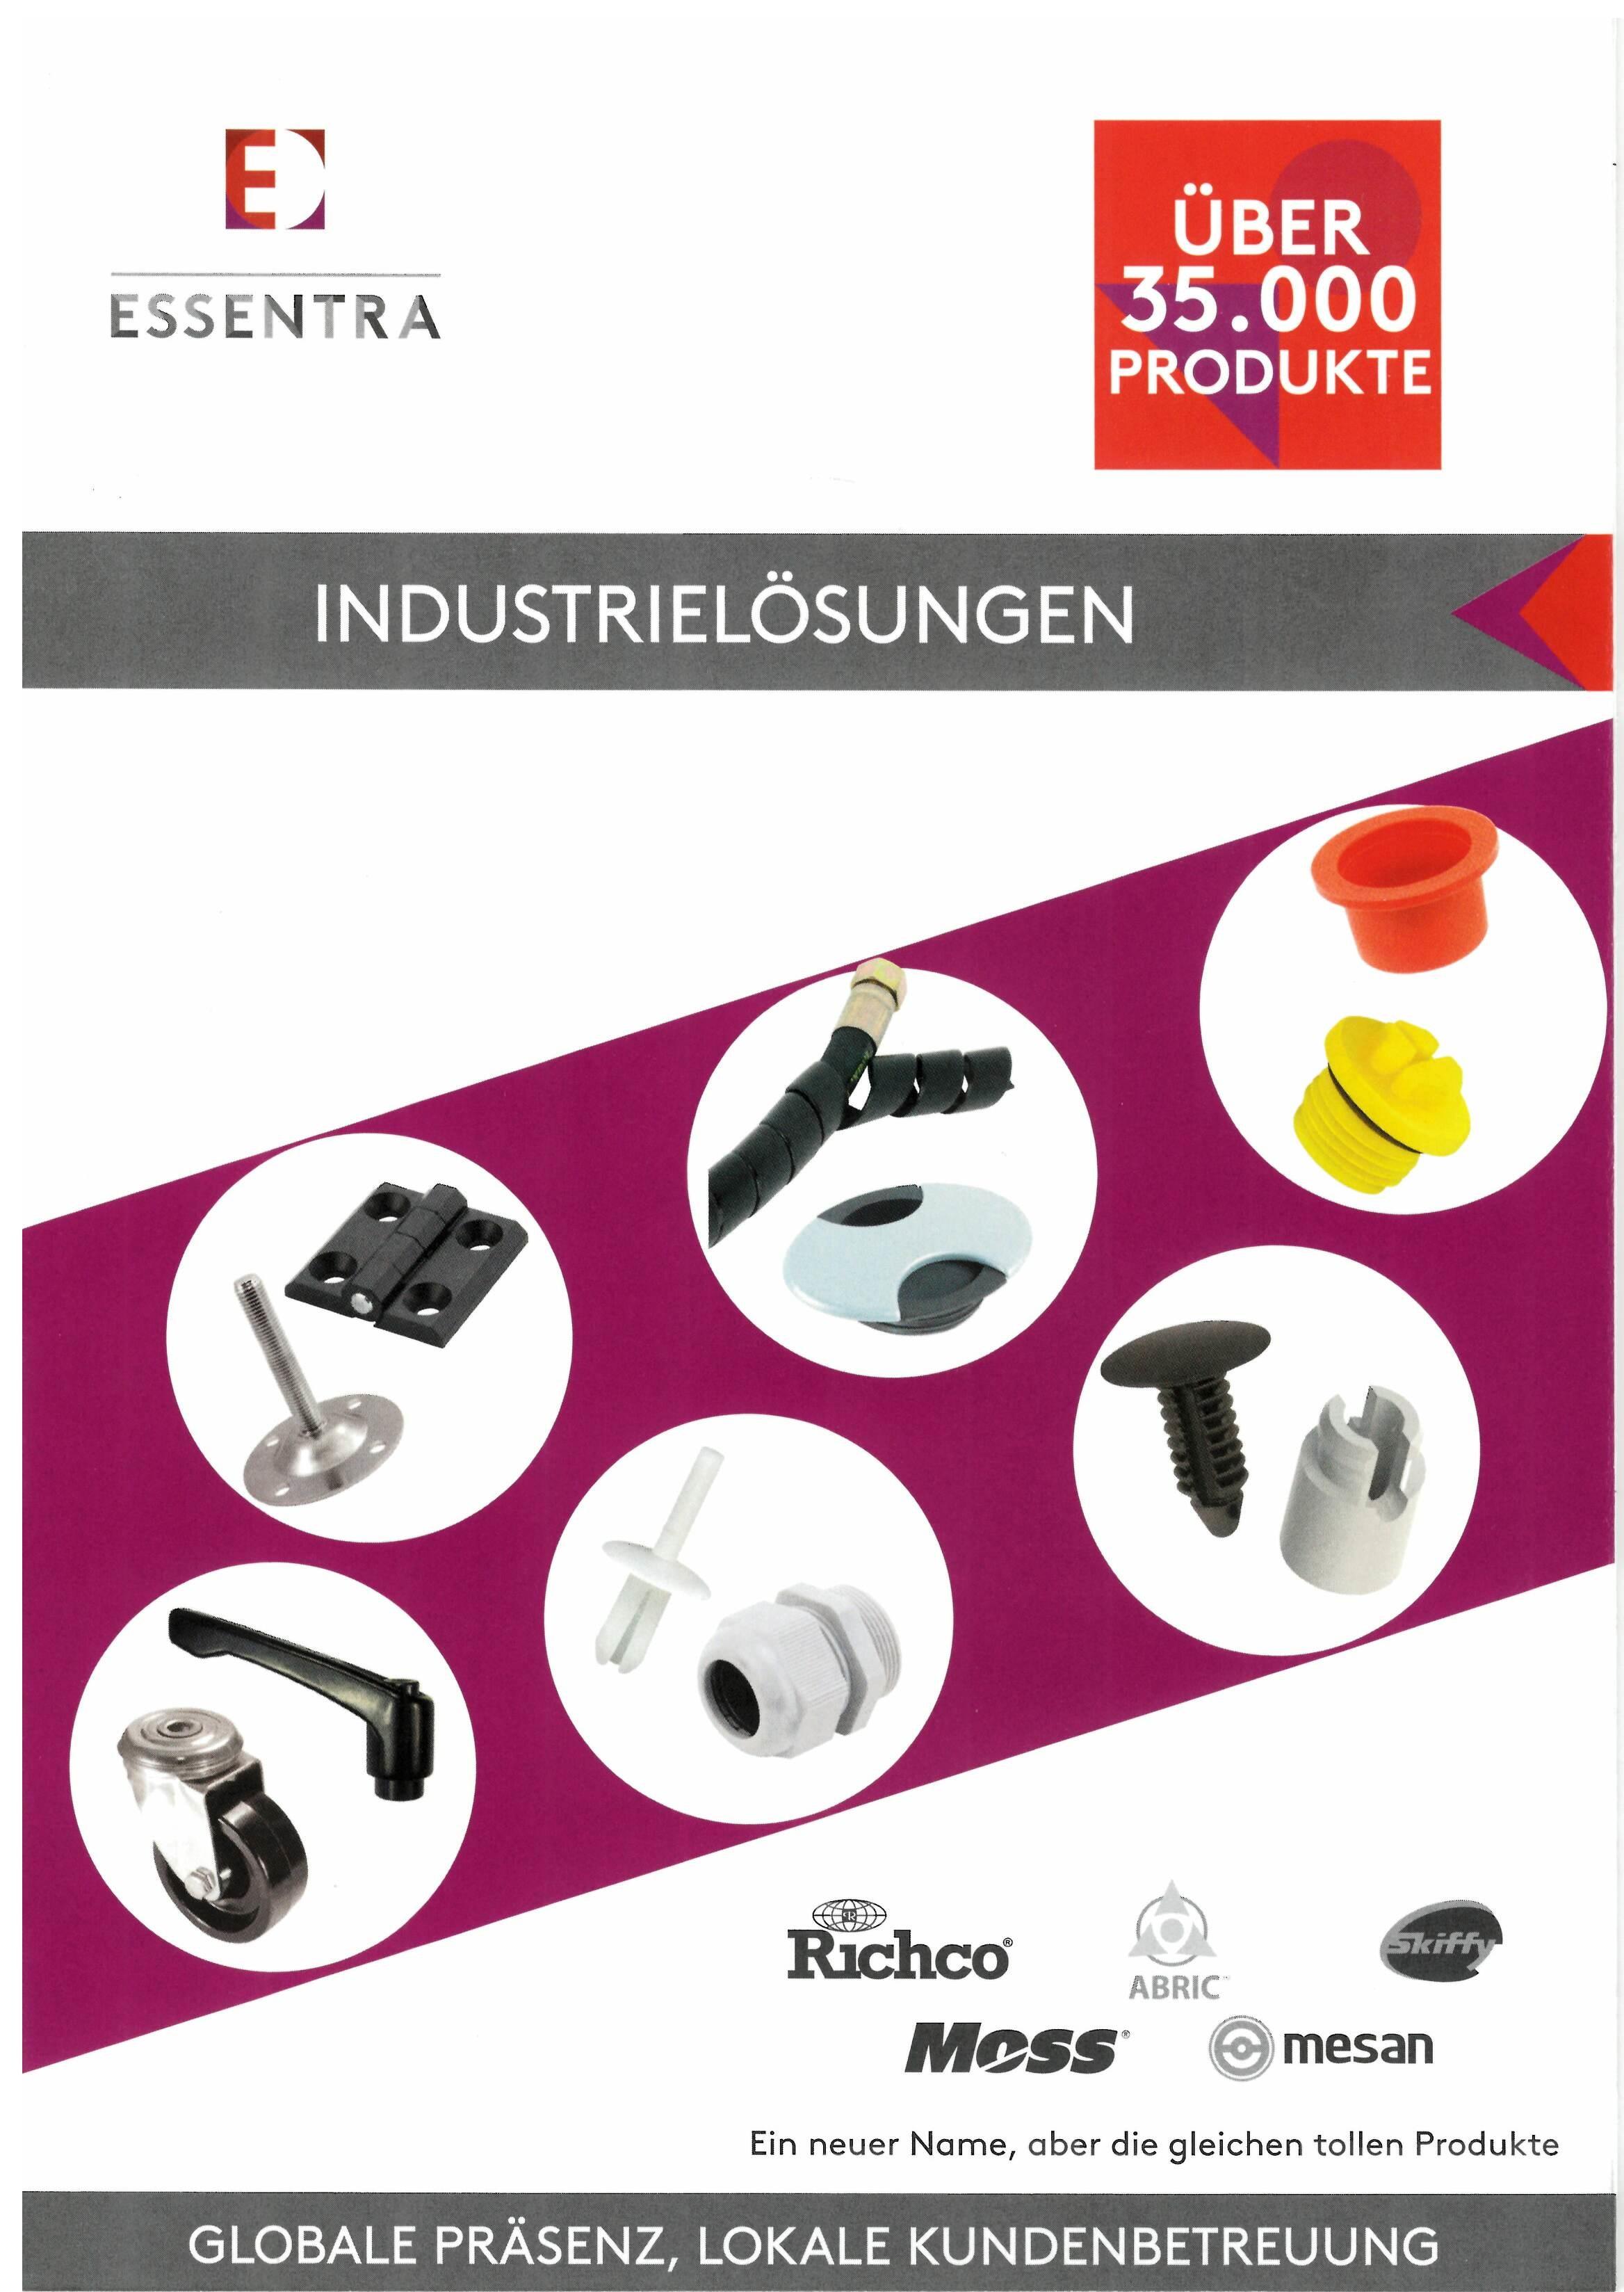 Wir sind ein weltweit führender Hersteller und Anbieter von wichtigen Bauteilen für Industrie & Hand...